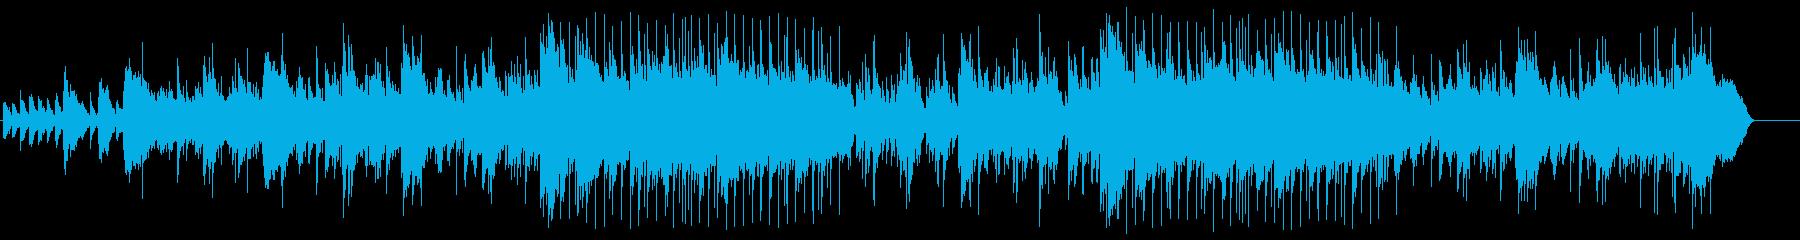 ミッドナイト風シリアス・バラードの再生済みの波形